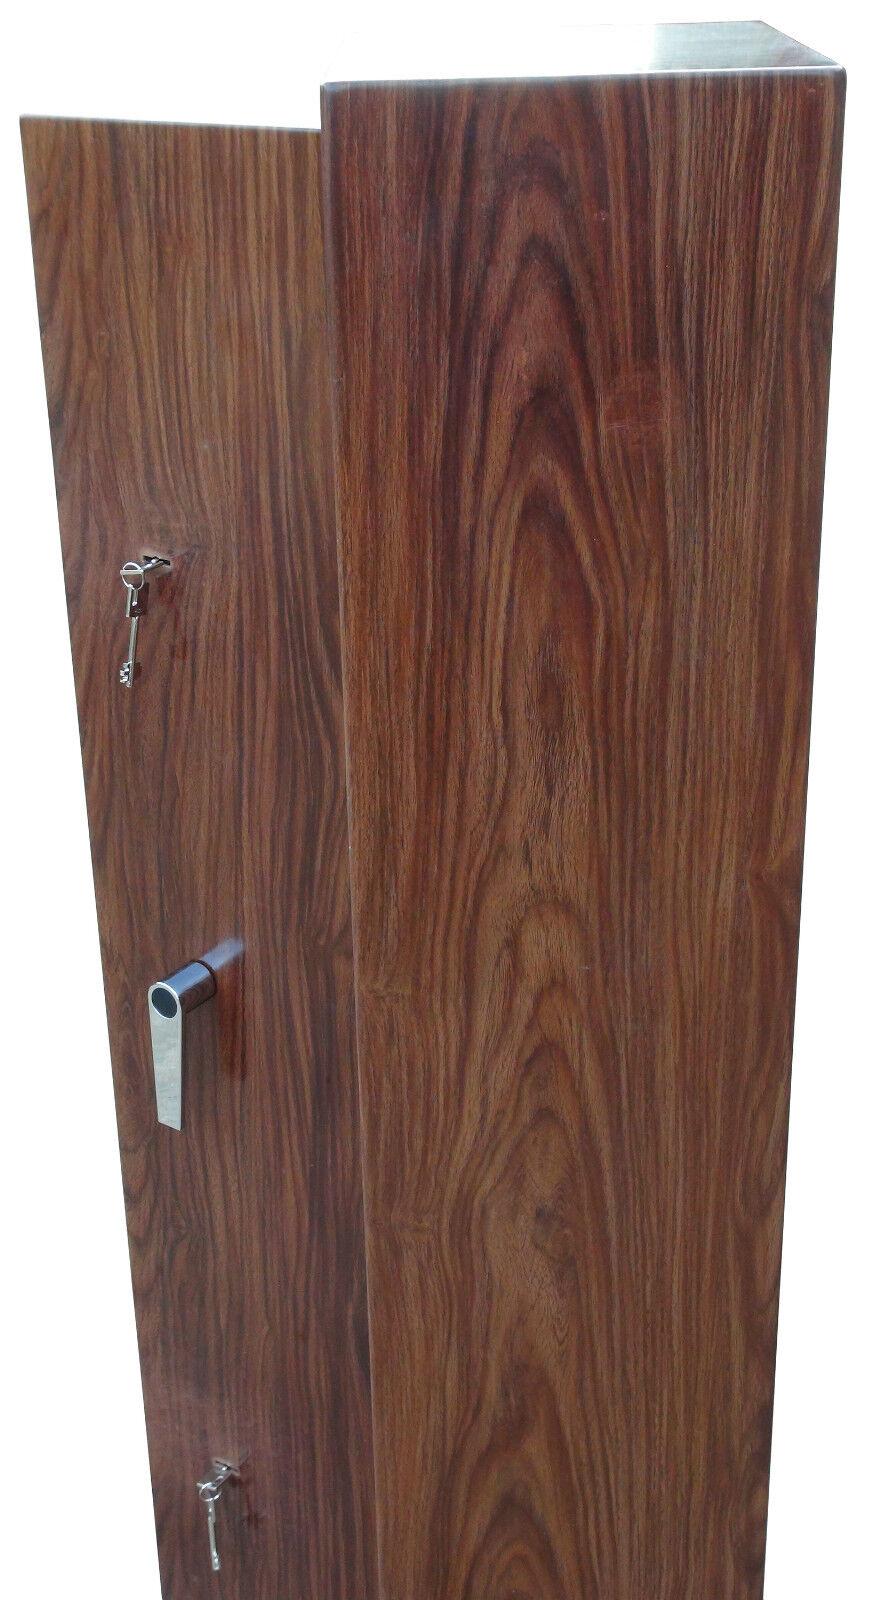 Premium Wood Effect 6 Gun Cabinet Inner Ammo Safe Shotgun